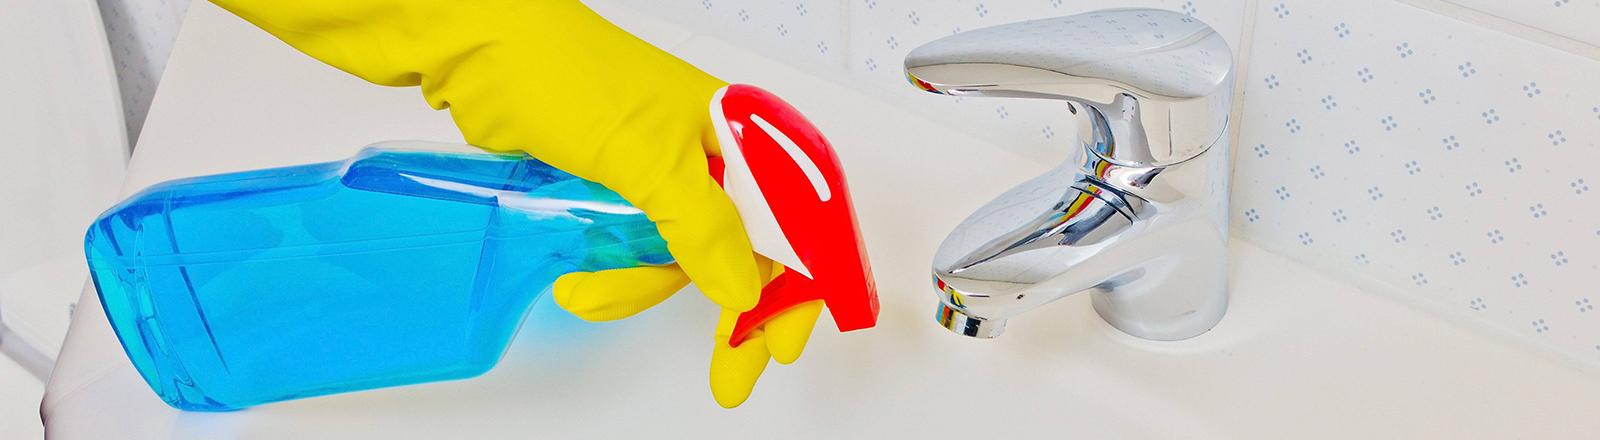 Eine Person putzt mit Gummihandschuhen und Putzmittel ein Waschbecken.